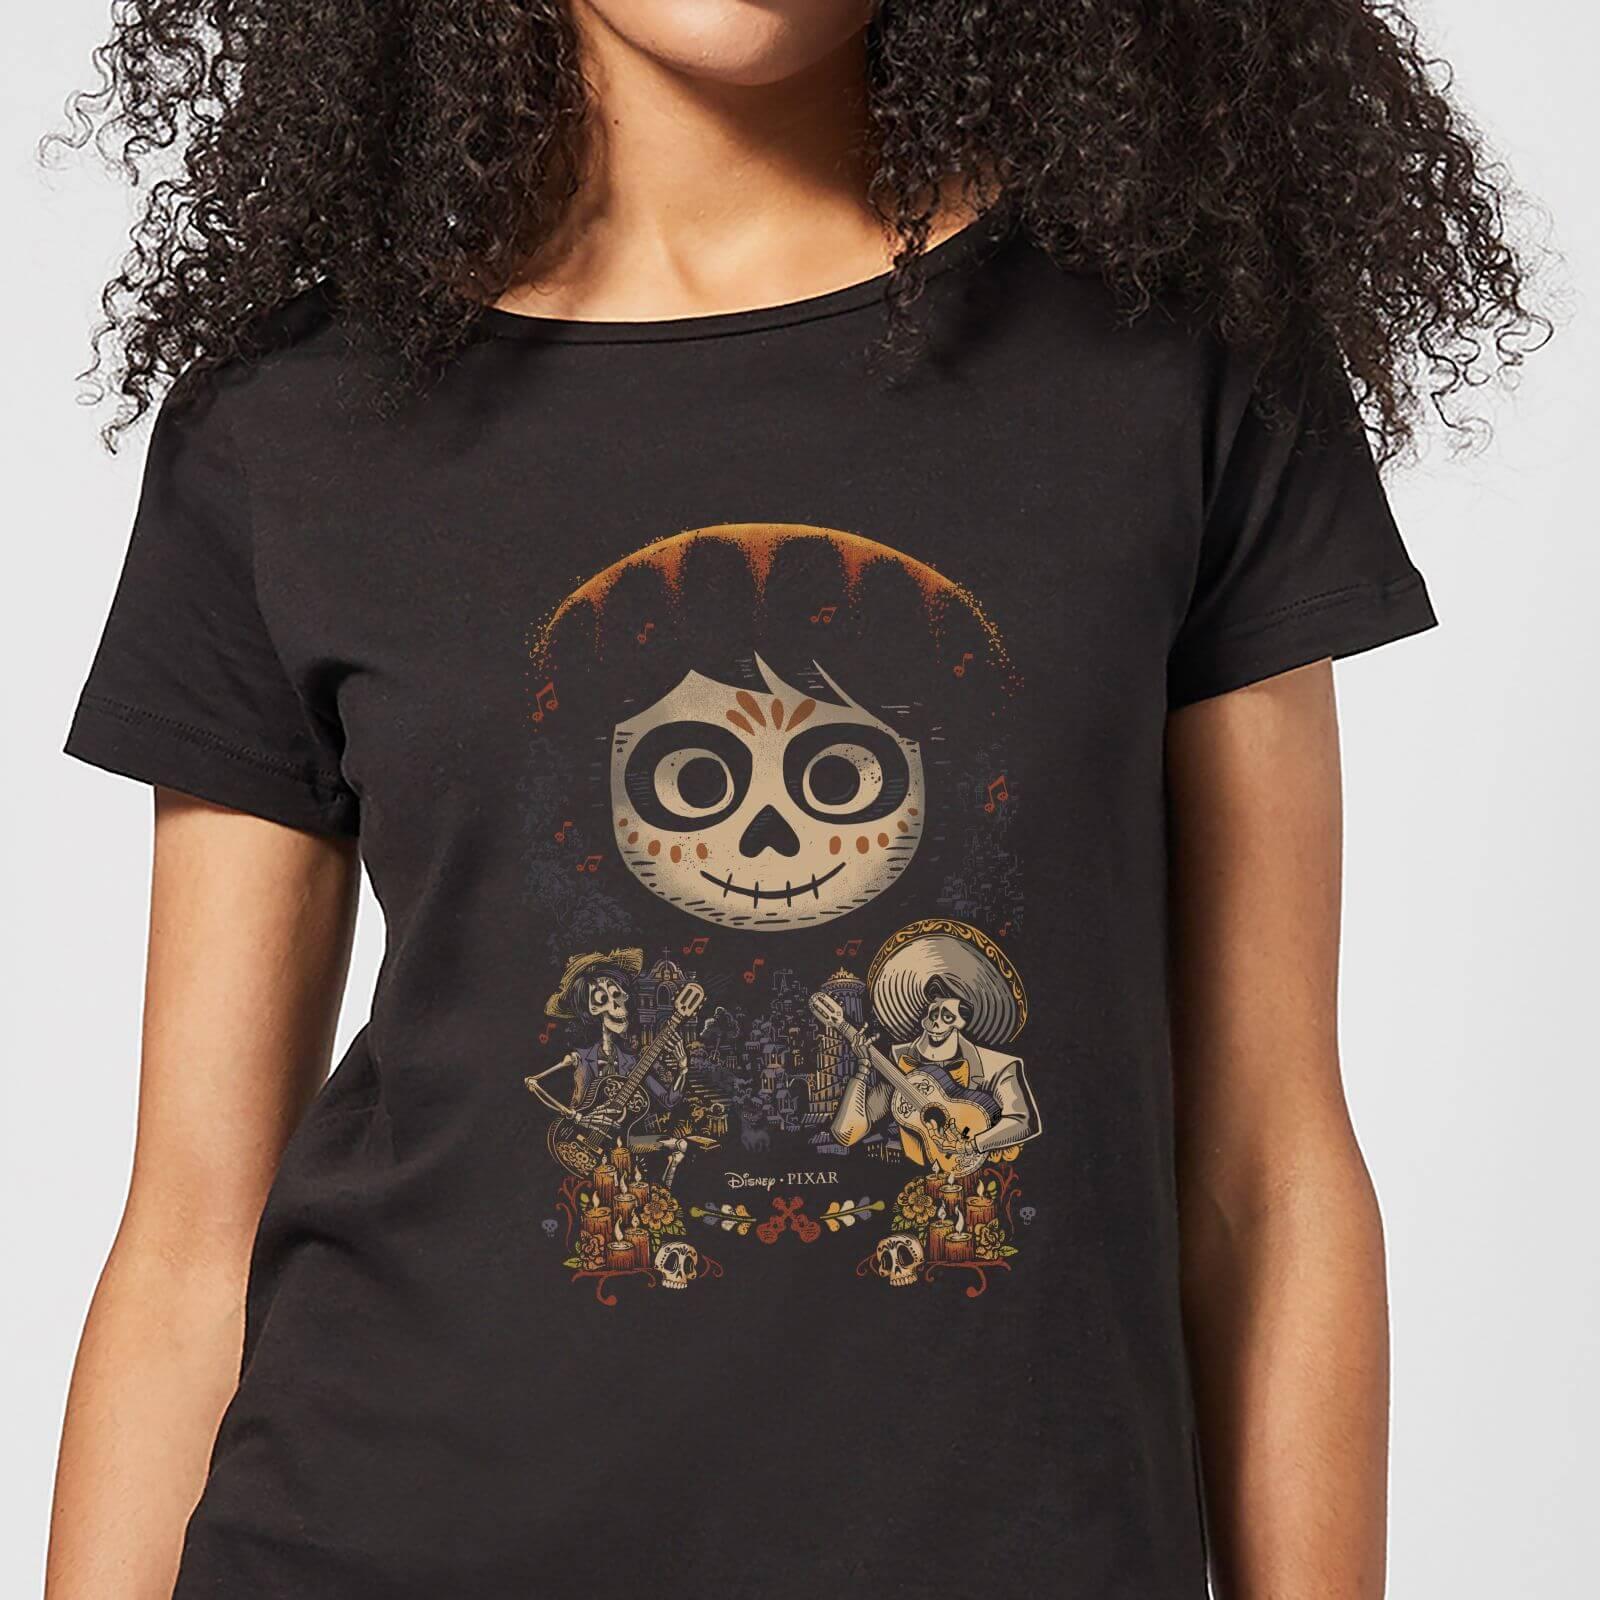 Pixar T-Shirt Femme Visage Miguel Poster Coco - Noir - S - Noir